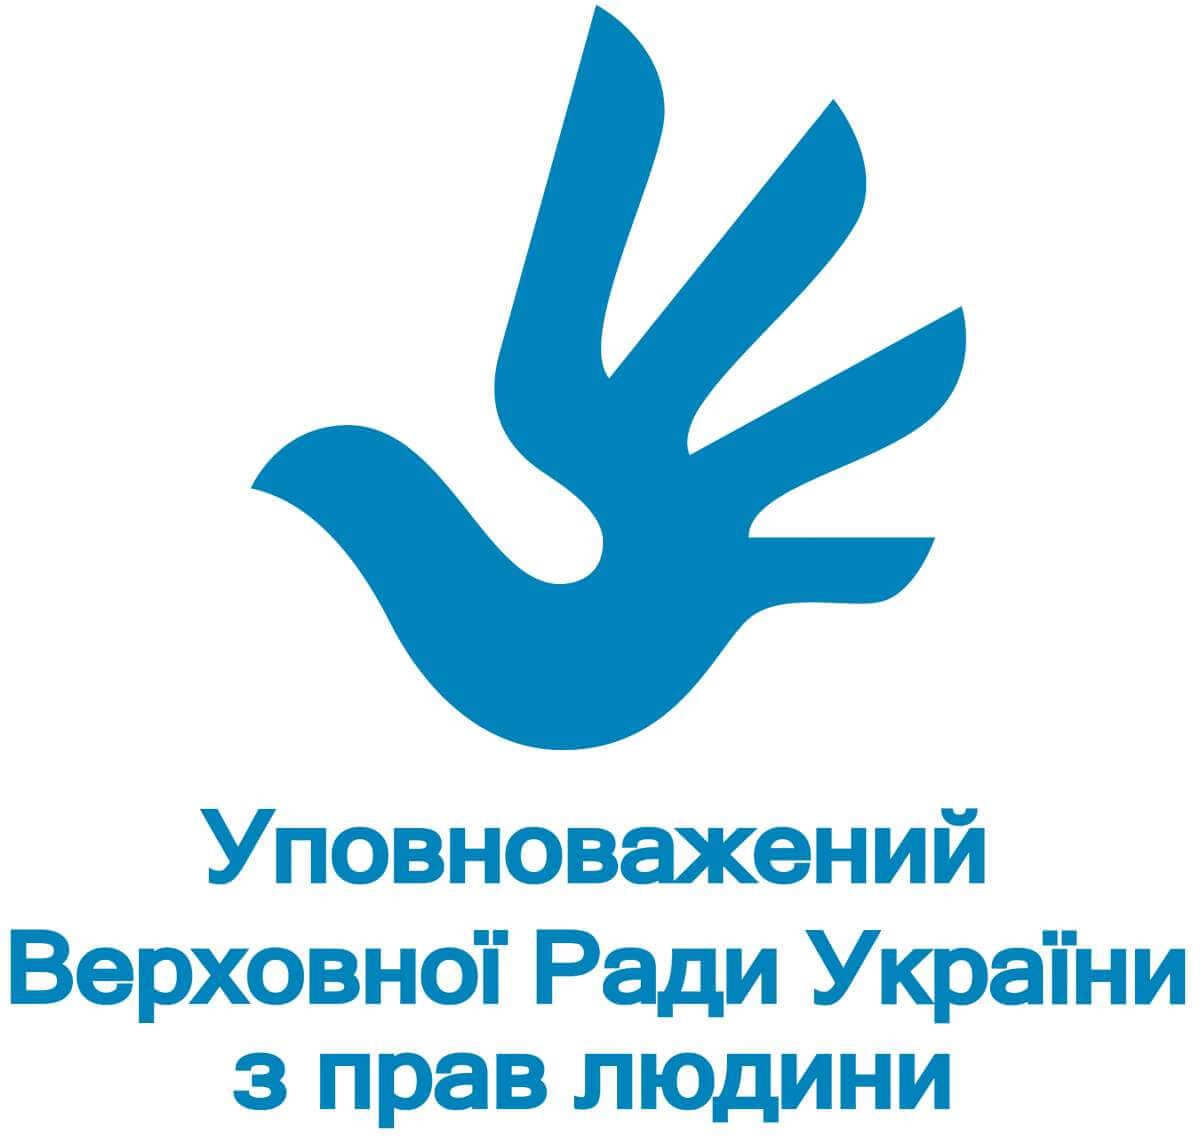 Відкрите звернення Уповноваженого з прав людини Валерії Лутковської